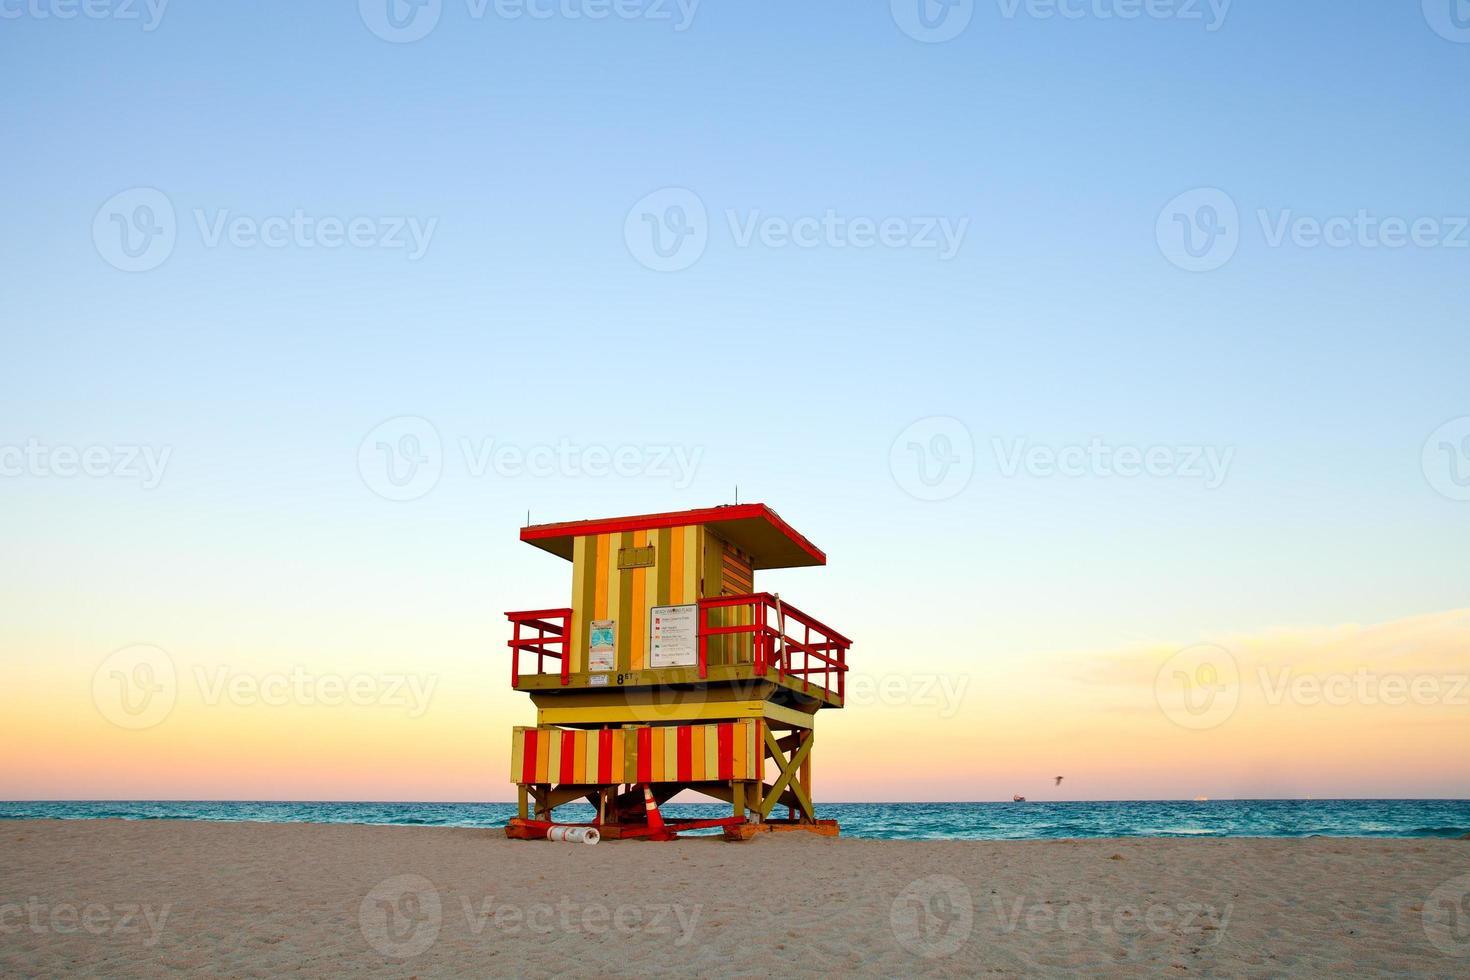 Miami Beach lifeguard house photo